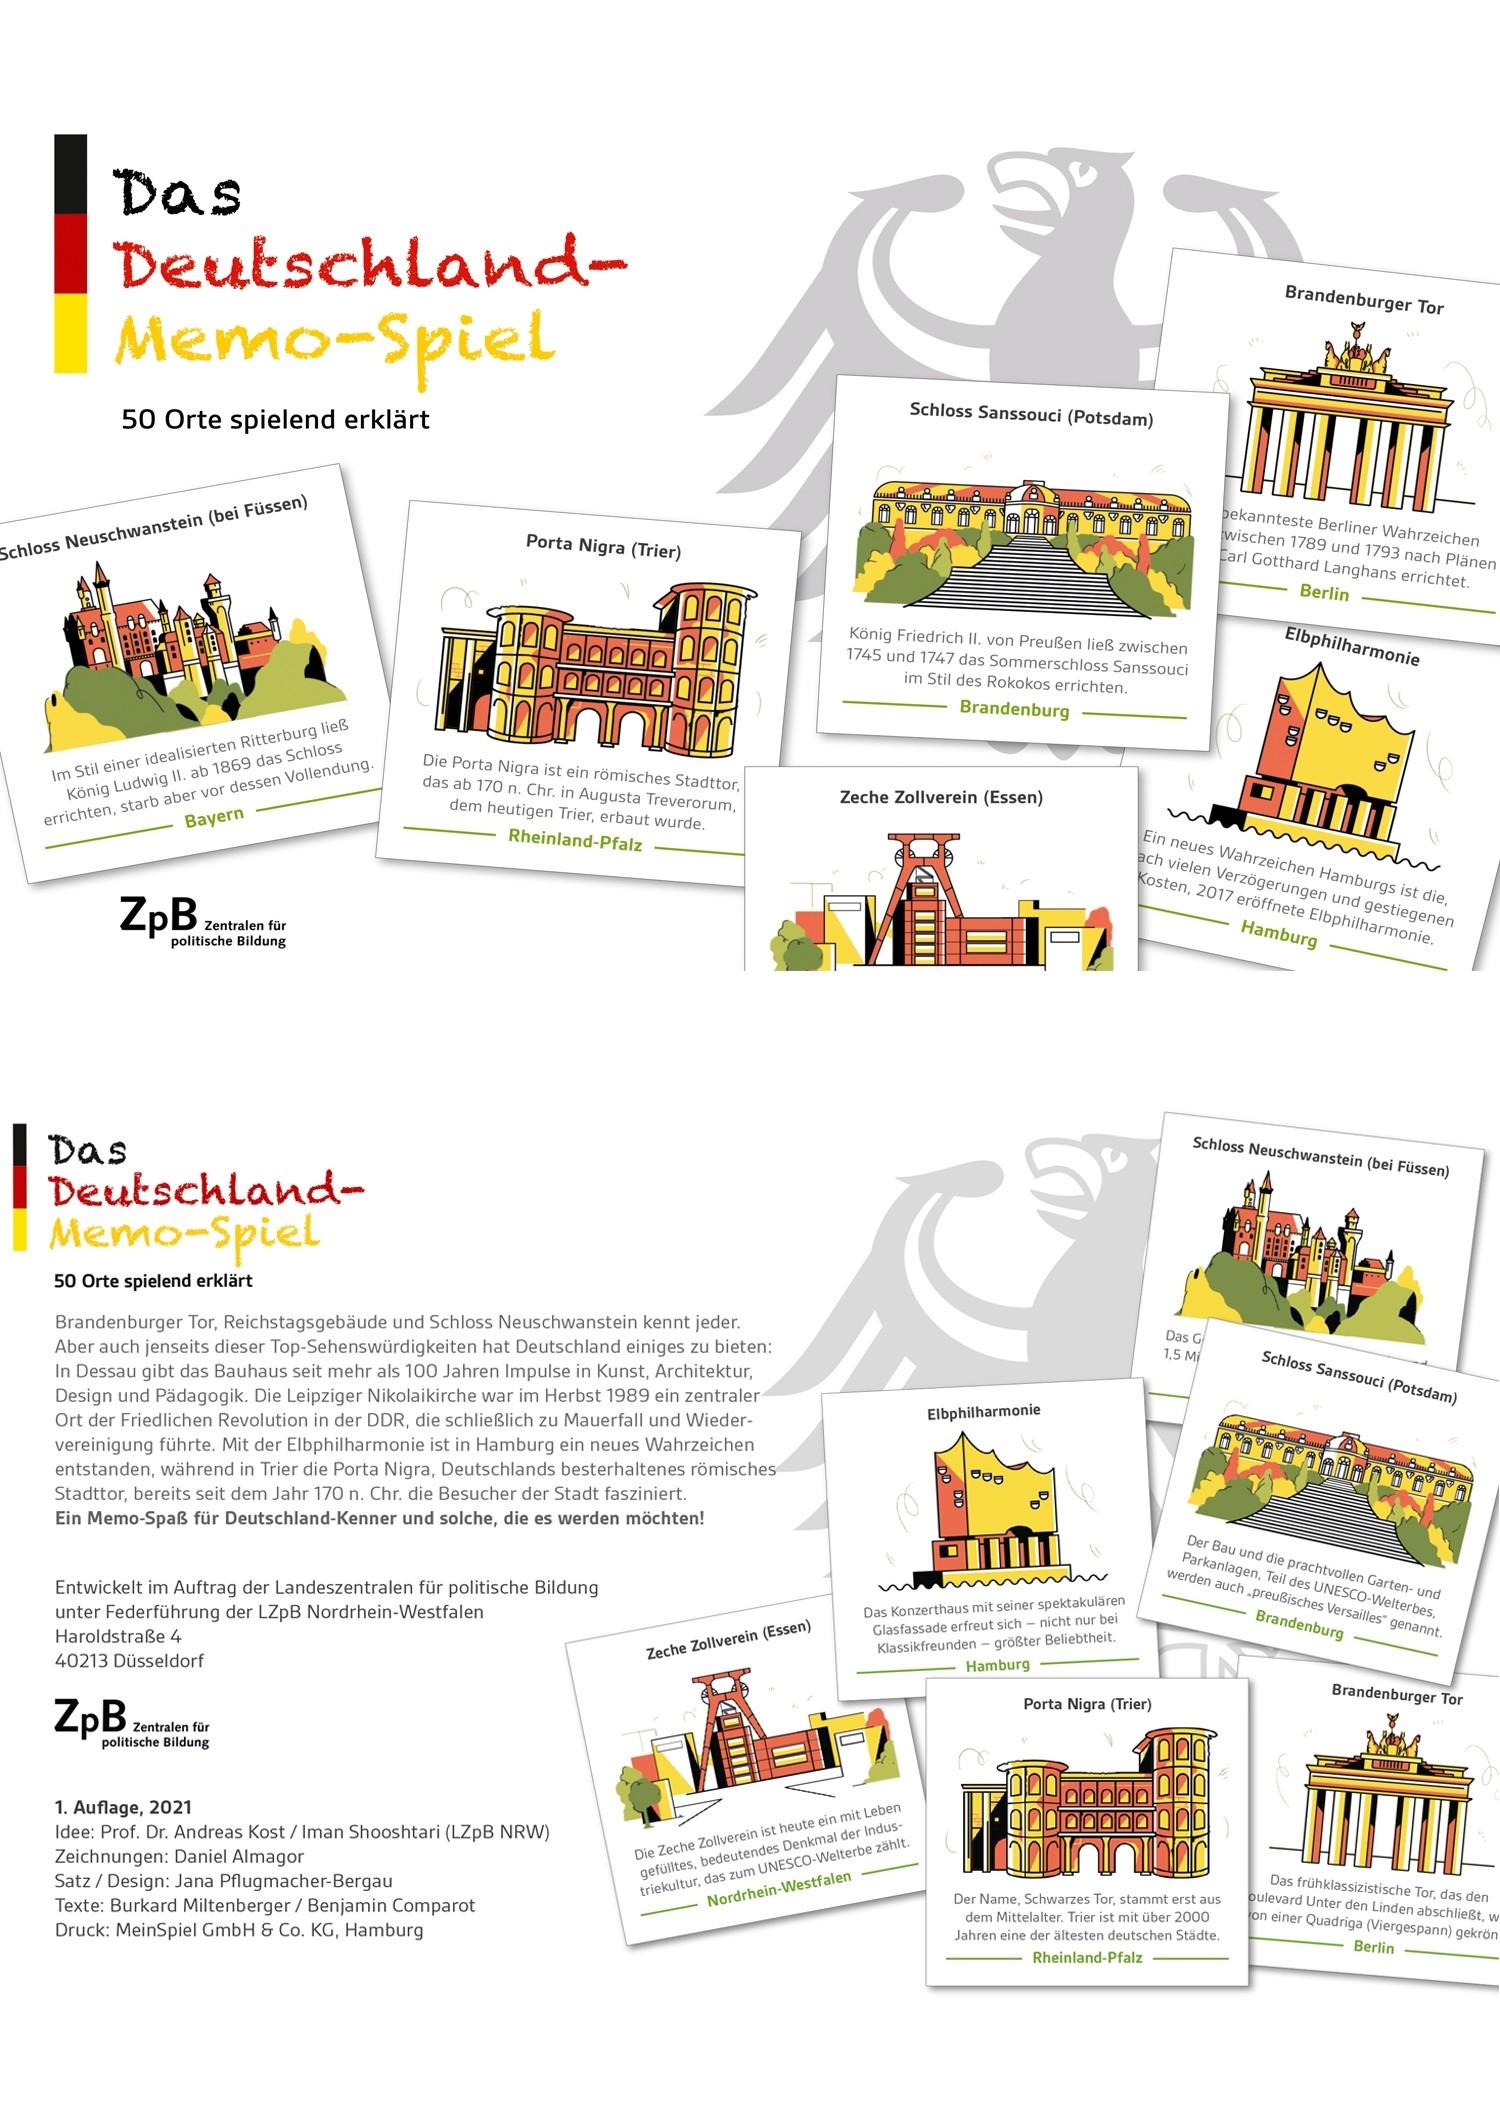 Vorder- und Rückseite groß 500* Deutschland-Memo-Spiel. 50 Orte spielend erklärt